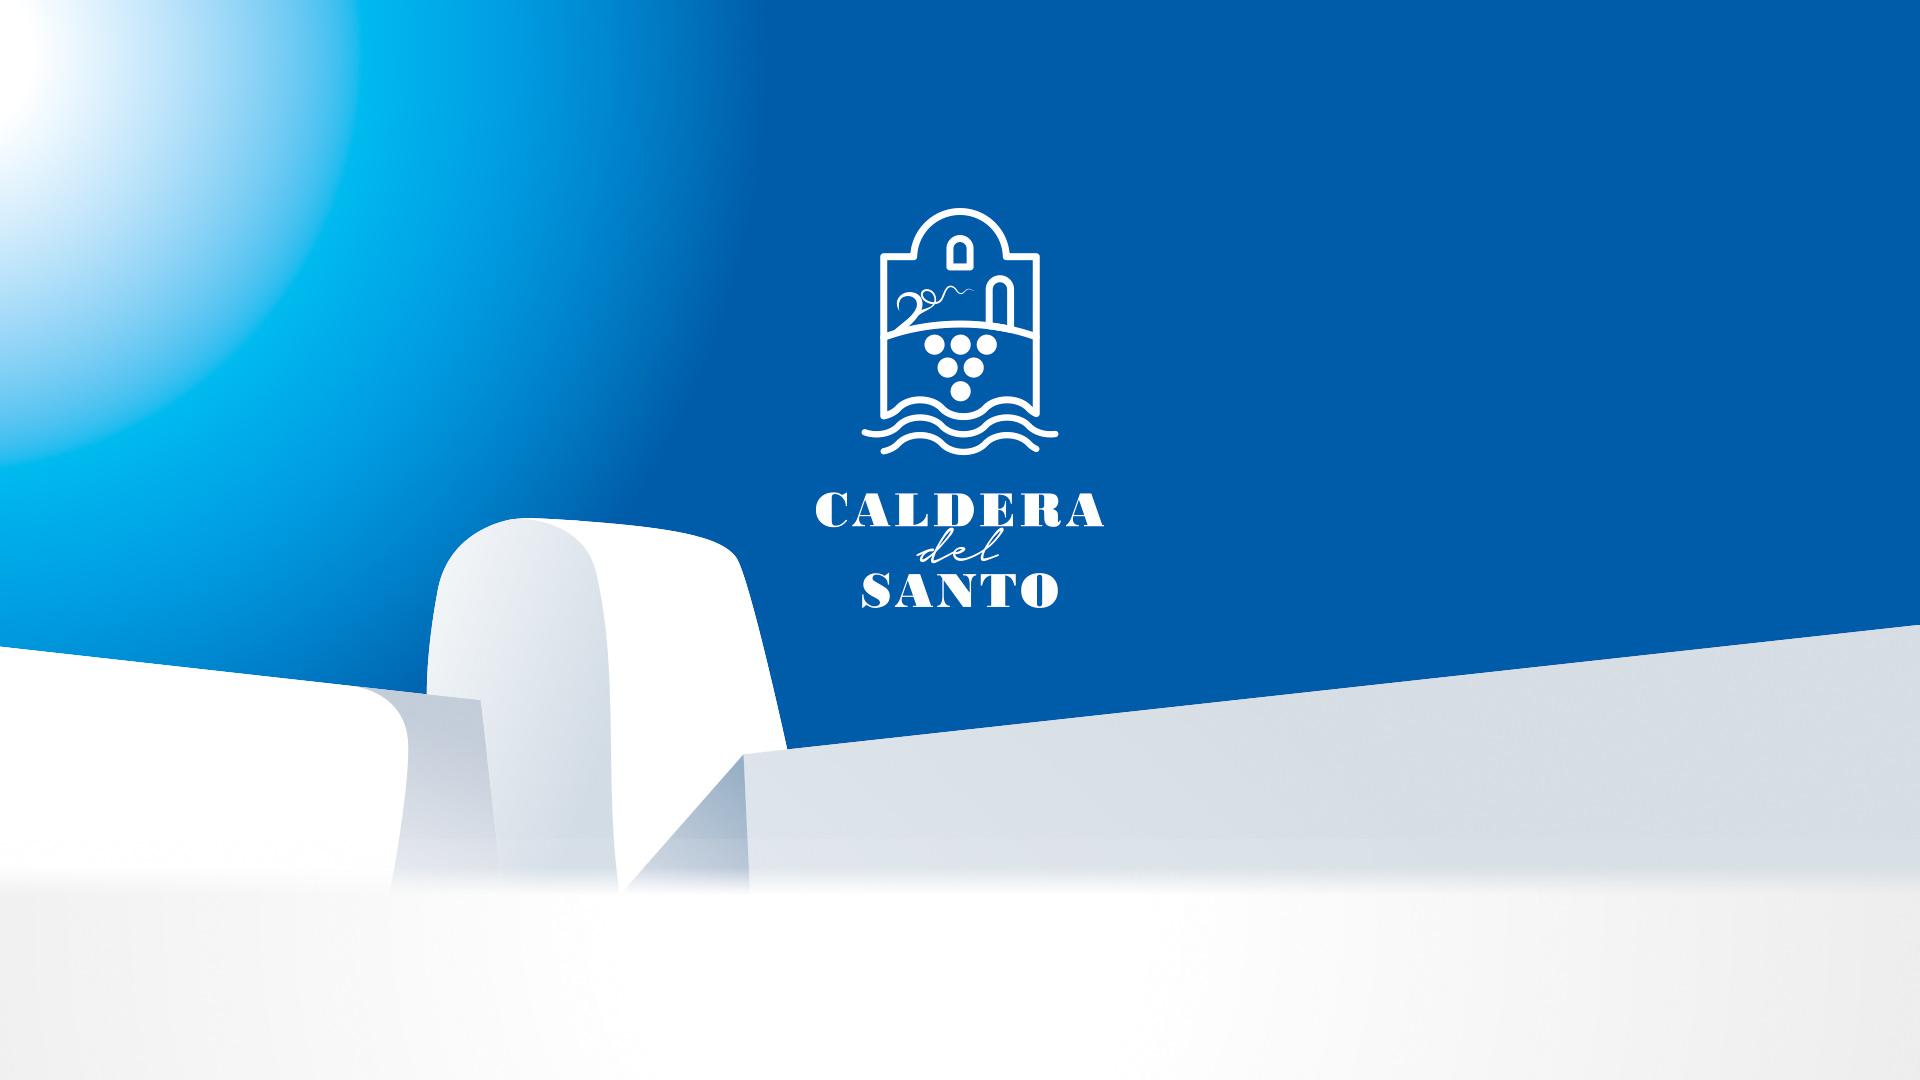 Caldera Del Santo Logo